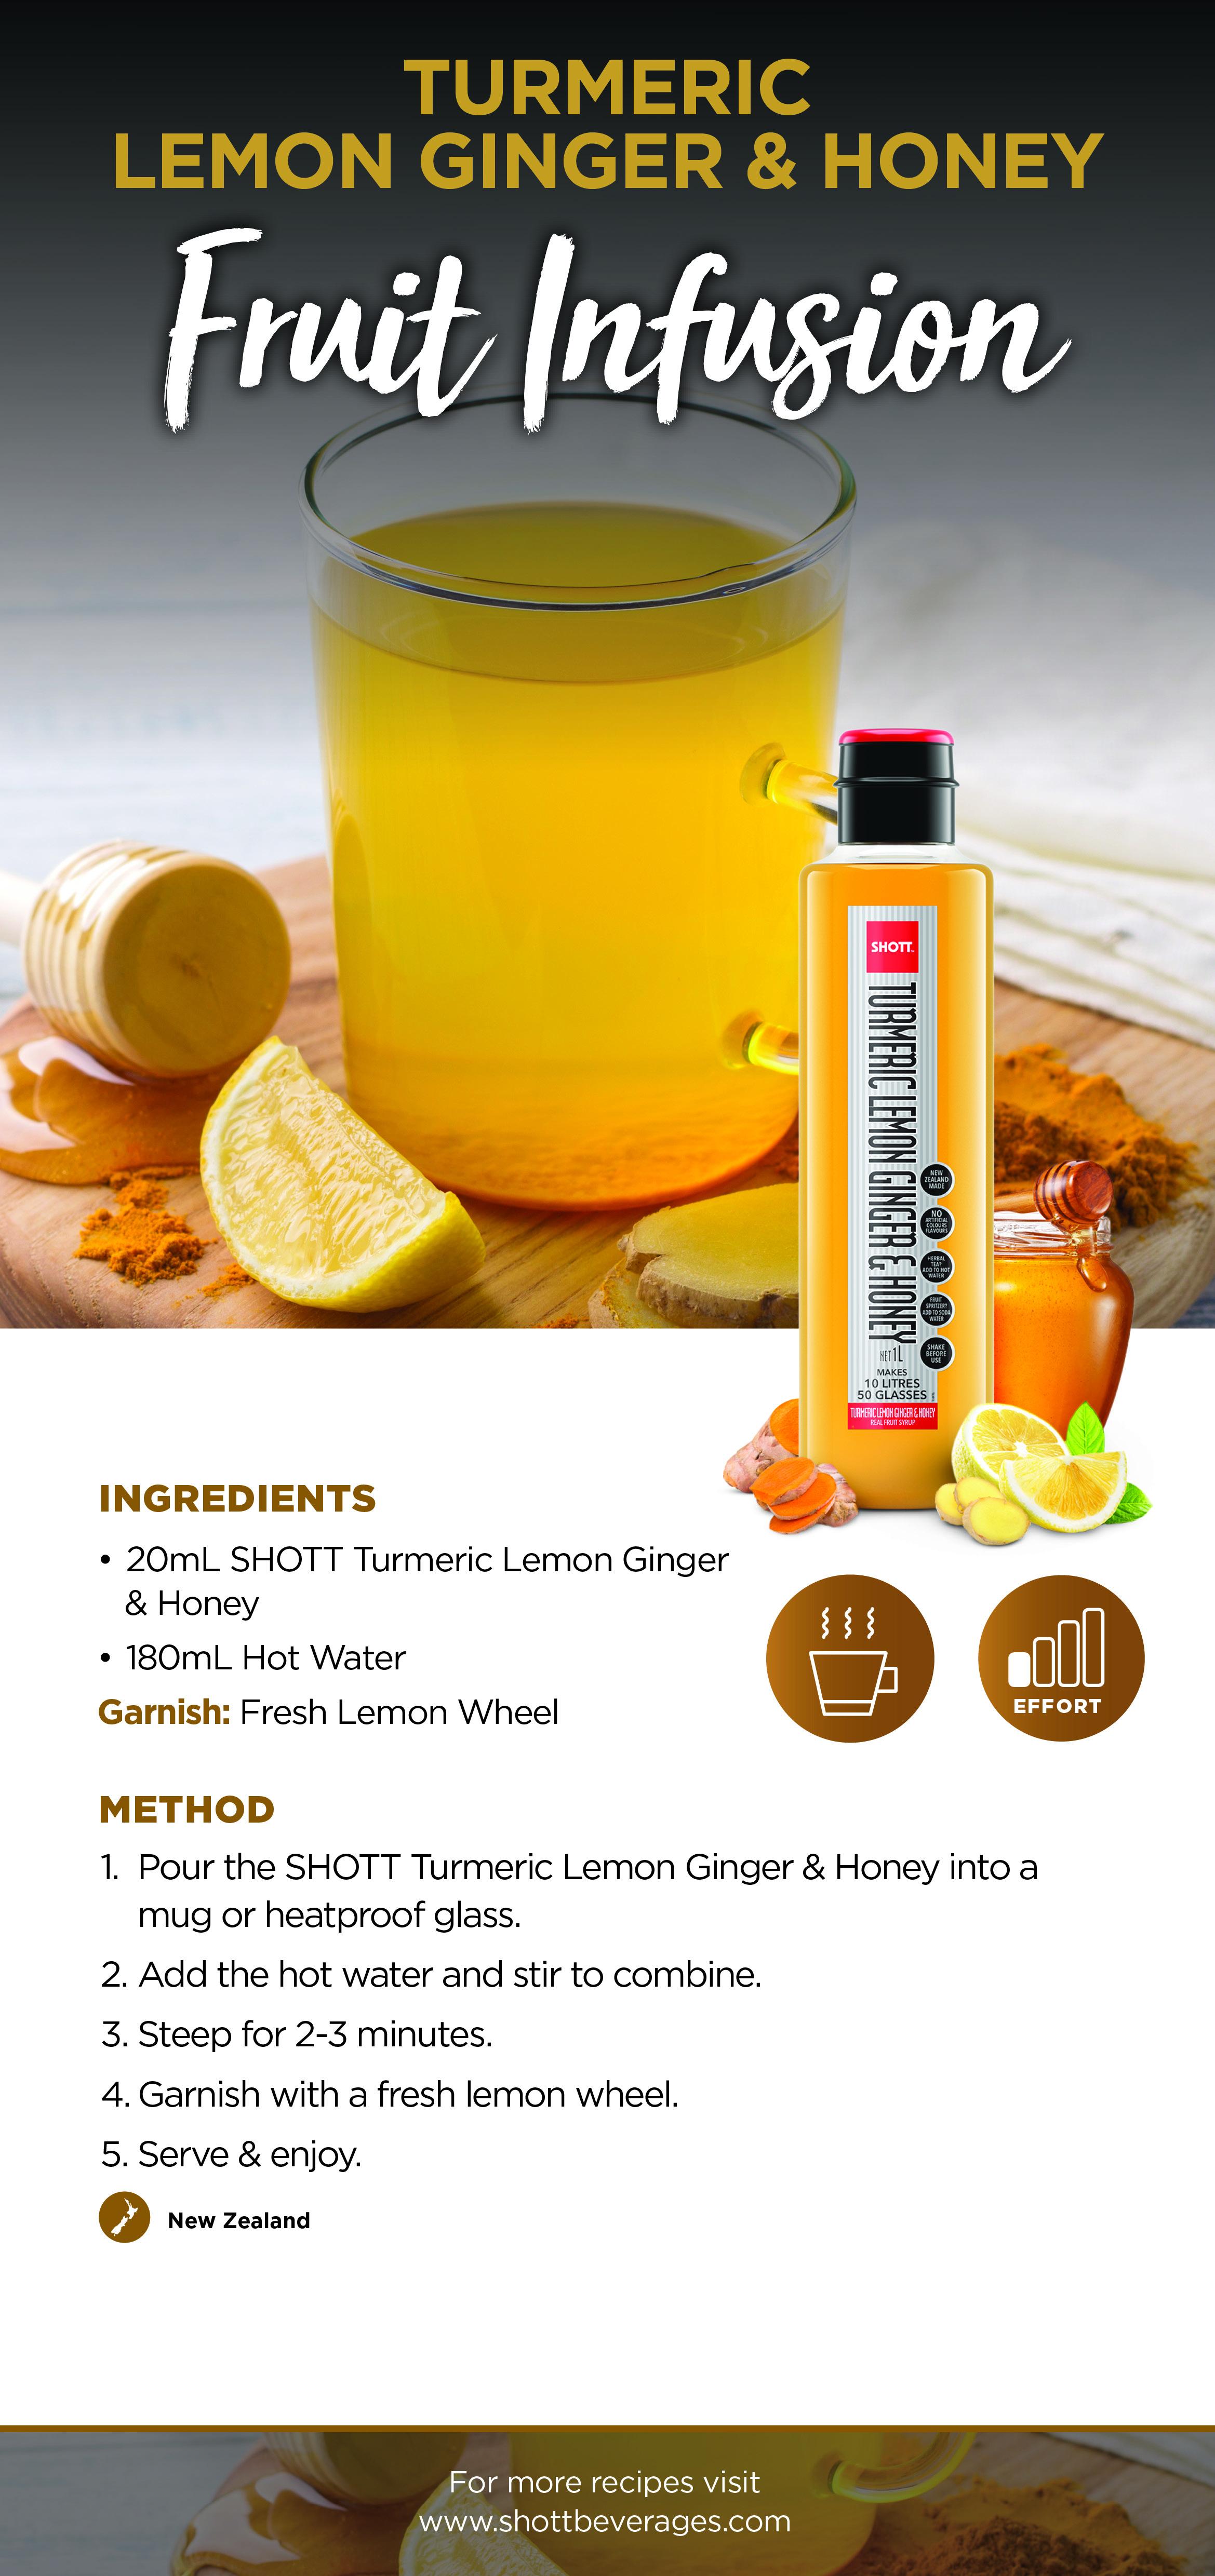 Turmeric Lemon Ginger & Honey Fruit Infusion